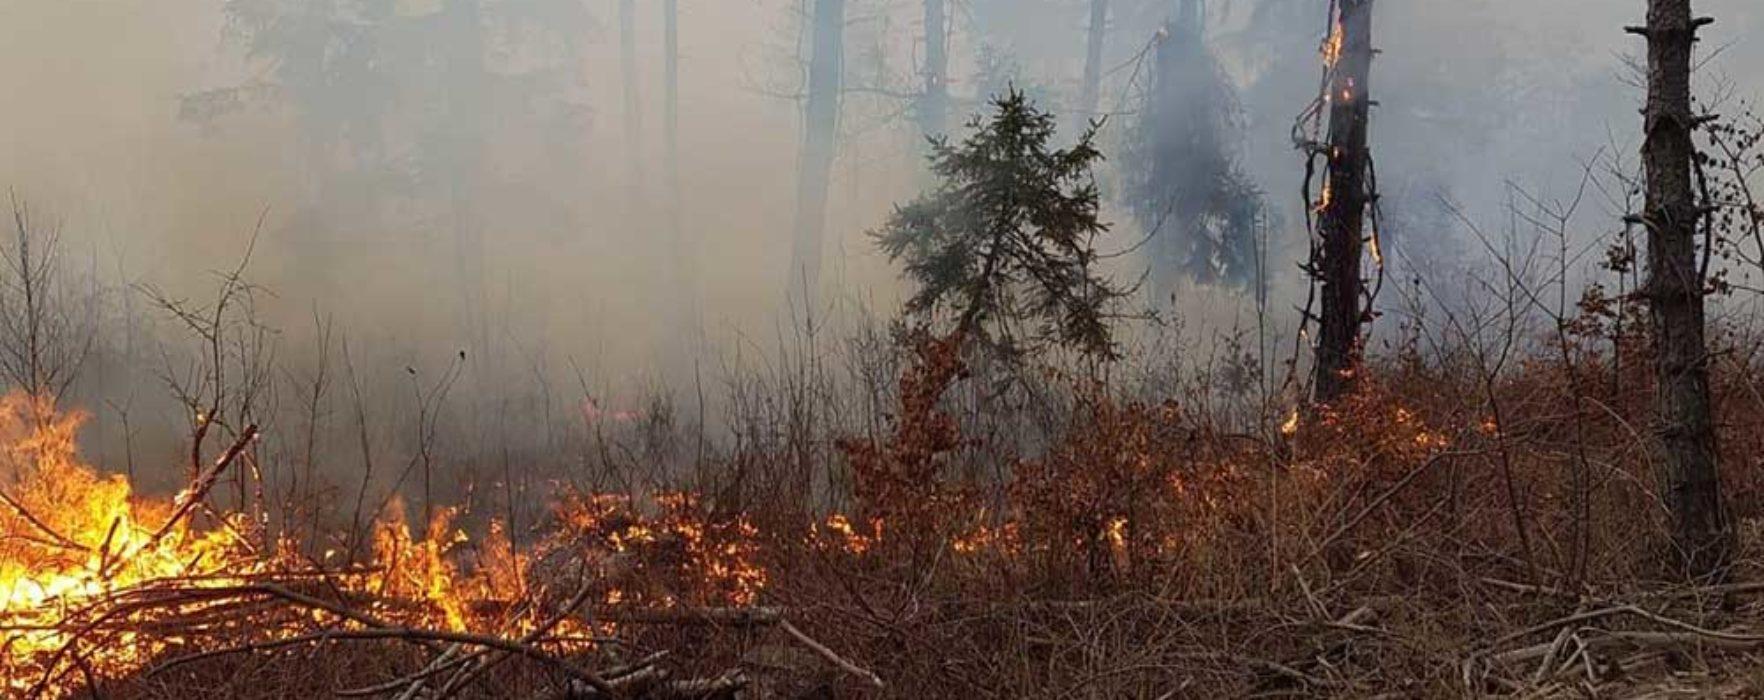 Dâmboviţa: Incendiu într-o pădure de pin pe o suprafaţă de cinci hectare